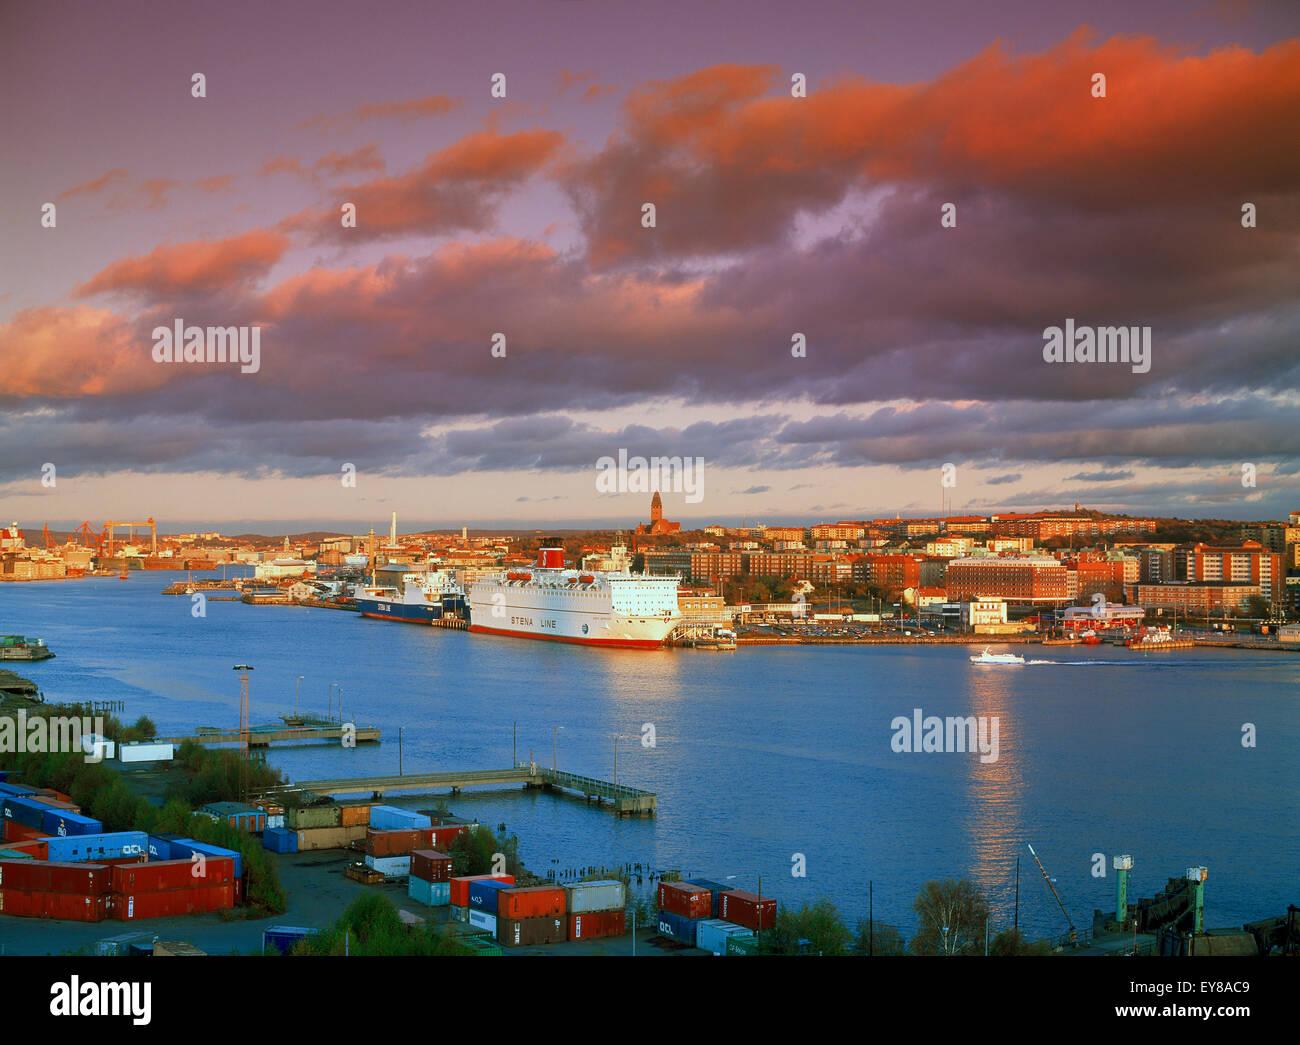 Le navi in porto a Gothhenburg o Goteborg sulla costa occidentale svedese nella luce del tramonto Immagini Stock